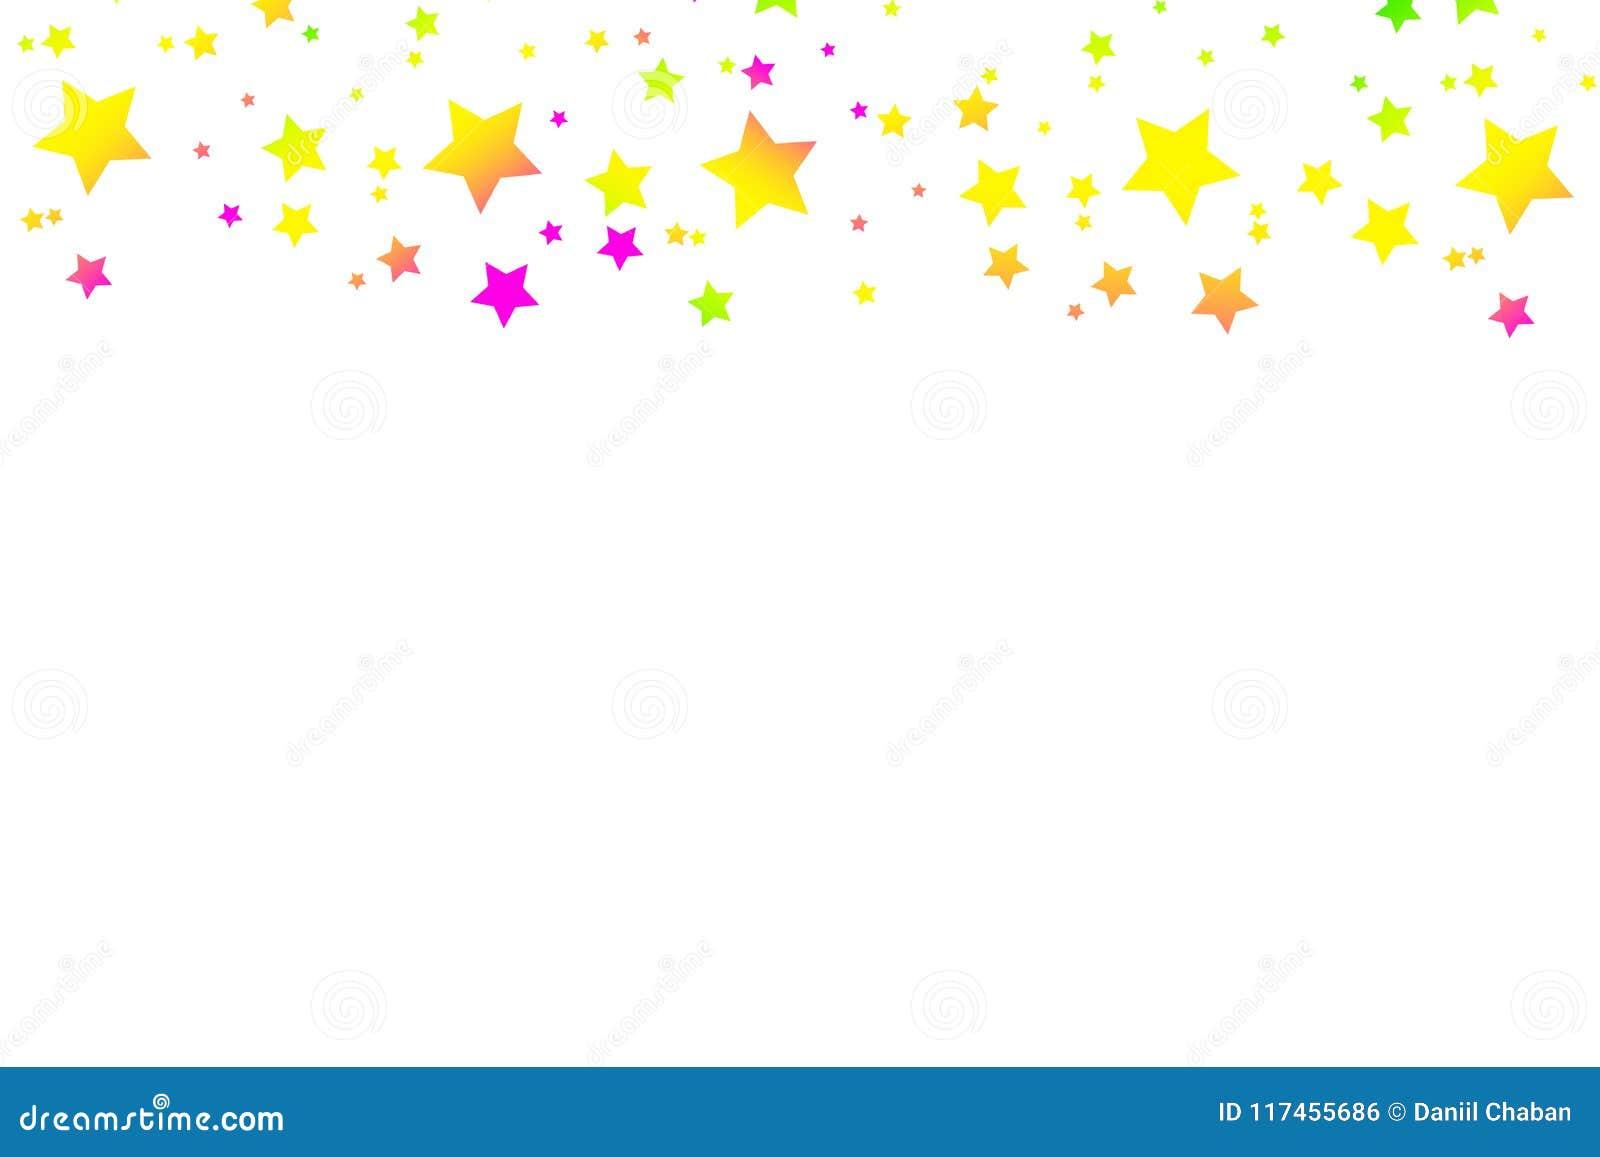 五彩纸屑多彩多姿的流星  豪华明亮的欢乐背景 桃红色,绿色,蓝色,绿松石,紫色